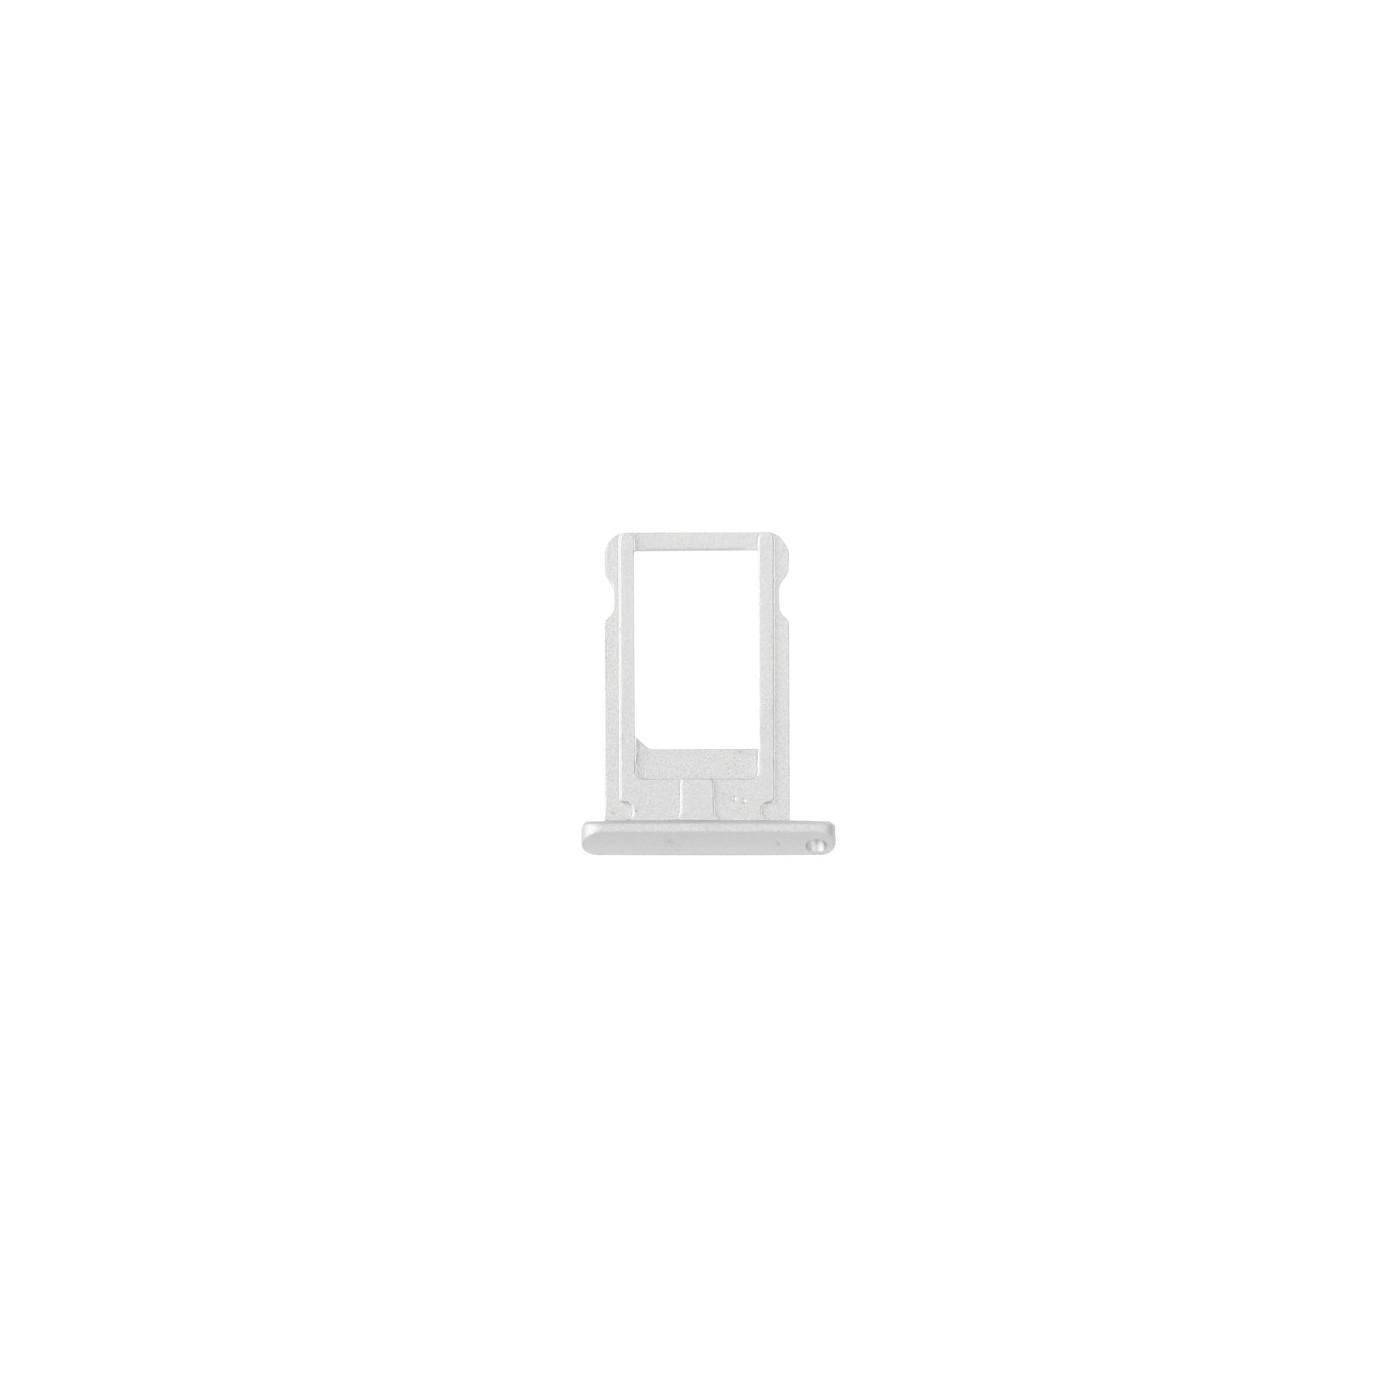 Trineo con soporte para tarjeta SIM para iPad mini 3 Reemplazo de carrito plateado